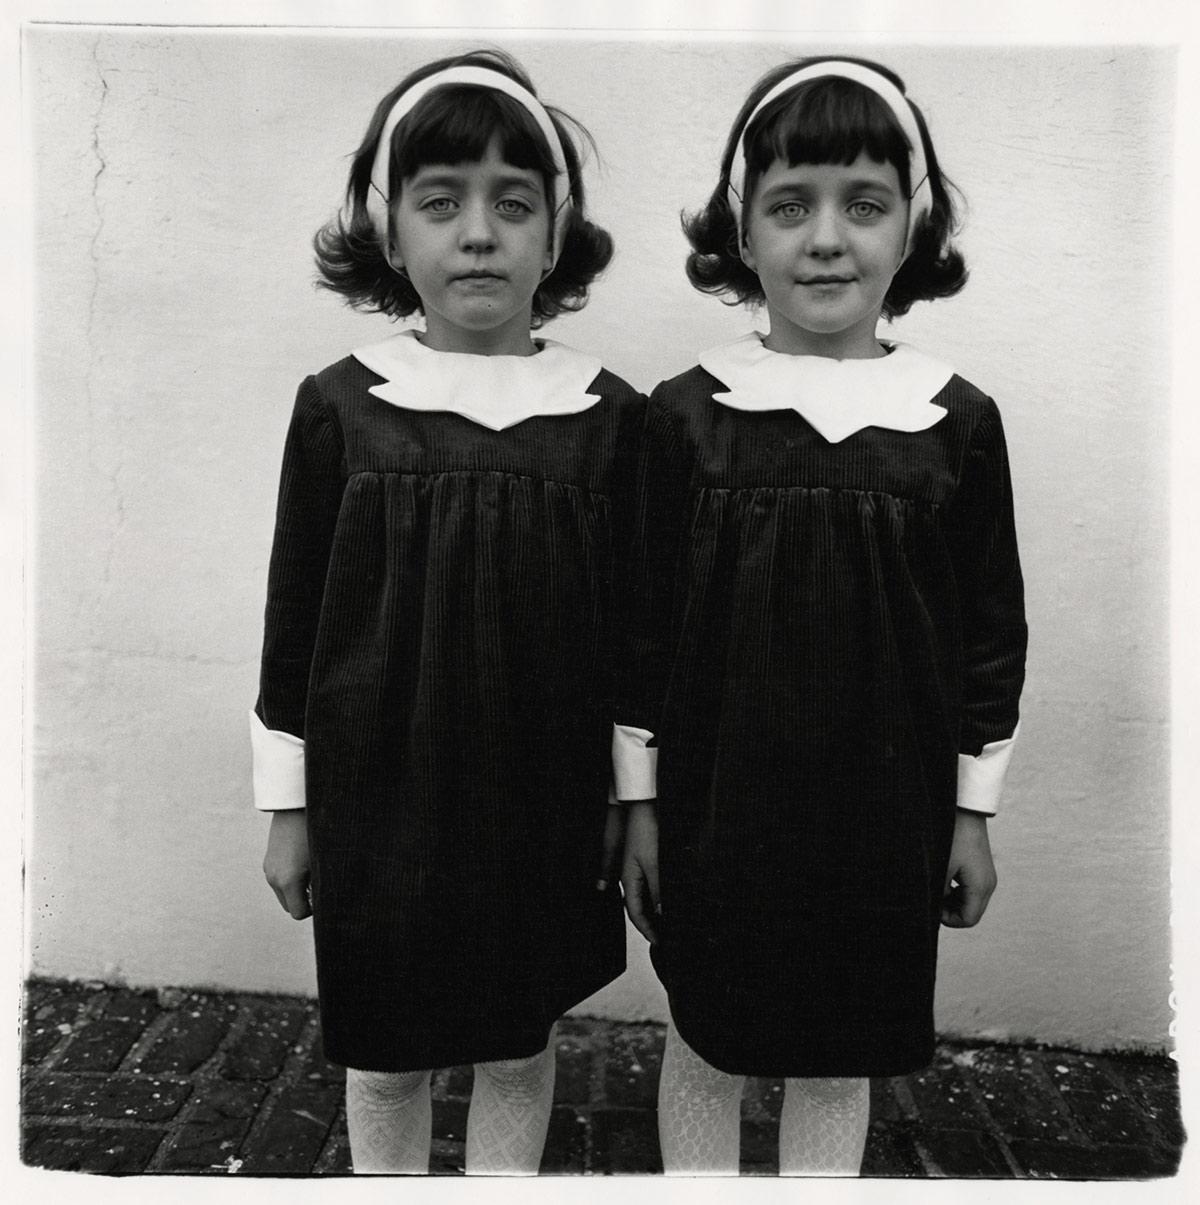 Diane Arbus, Identical twins, Roselle, N.J. 1967. Courtesy The Estate of Diane Arbus